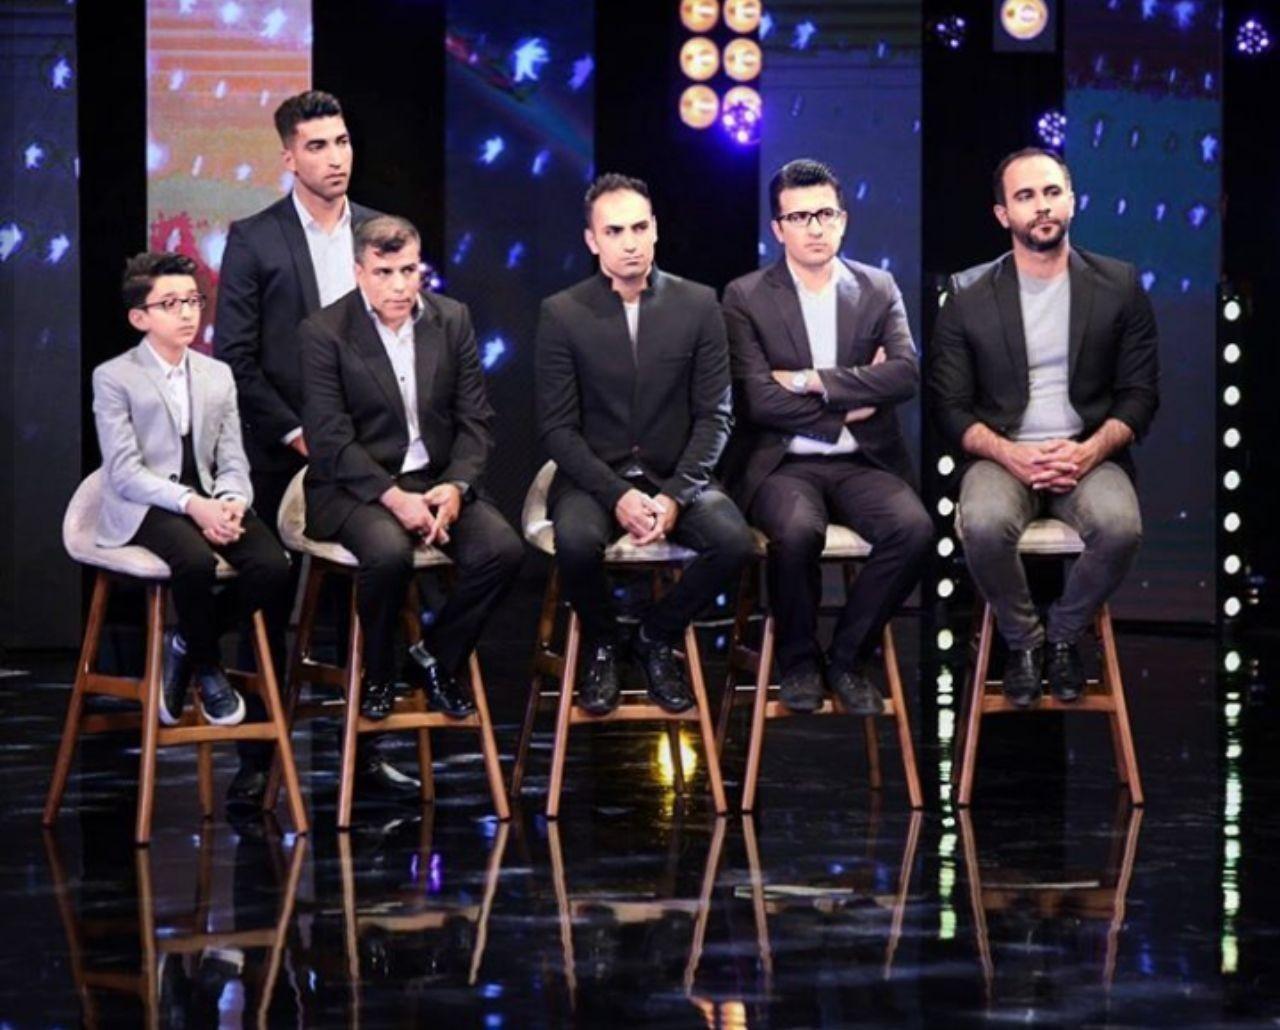 برگزیدگان هفته اول فینال «عصر جدید» مشخص شدند + فیلم